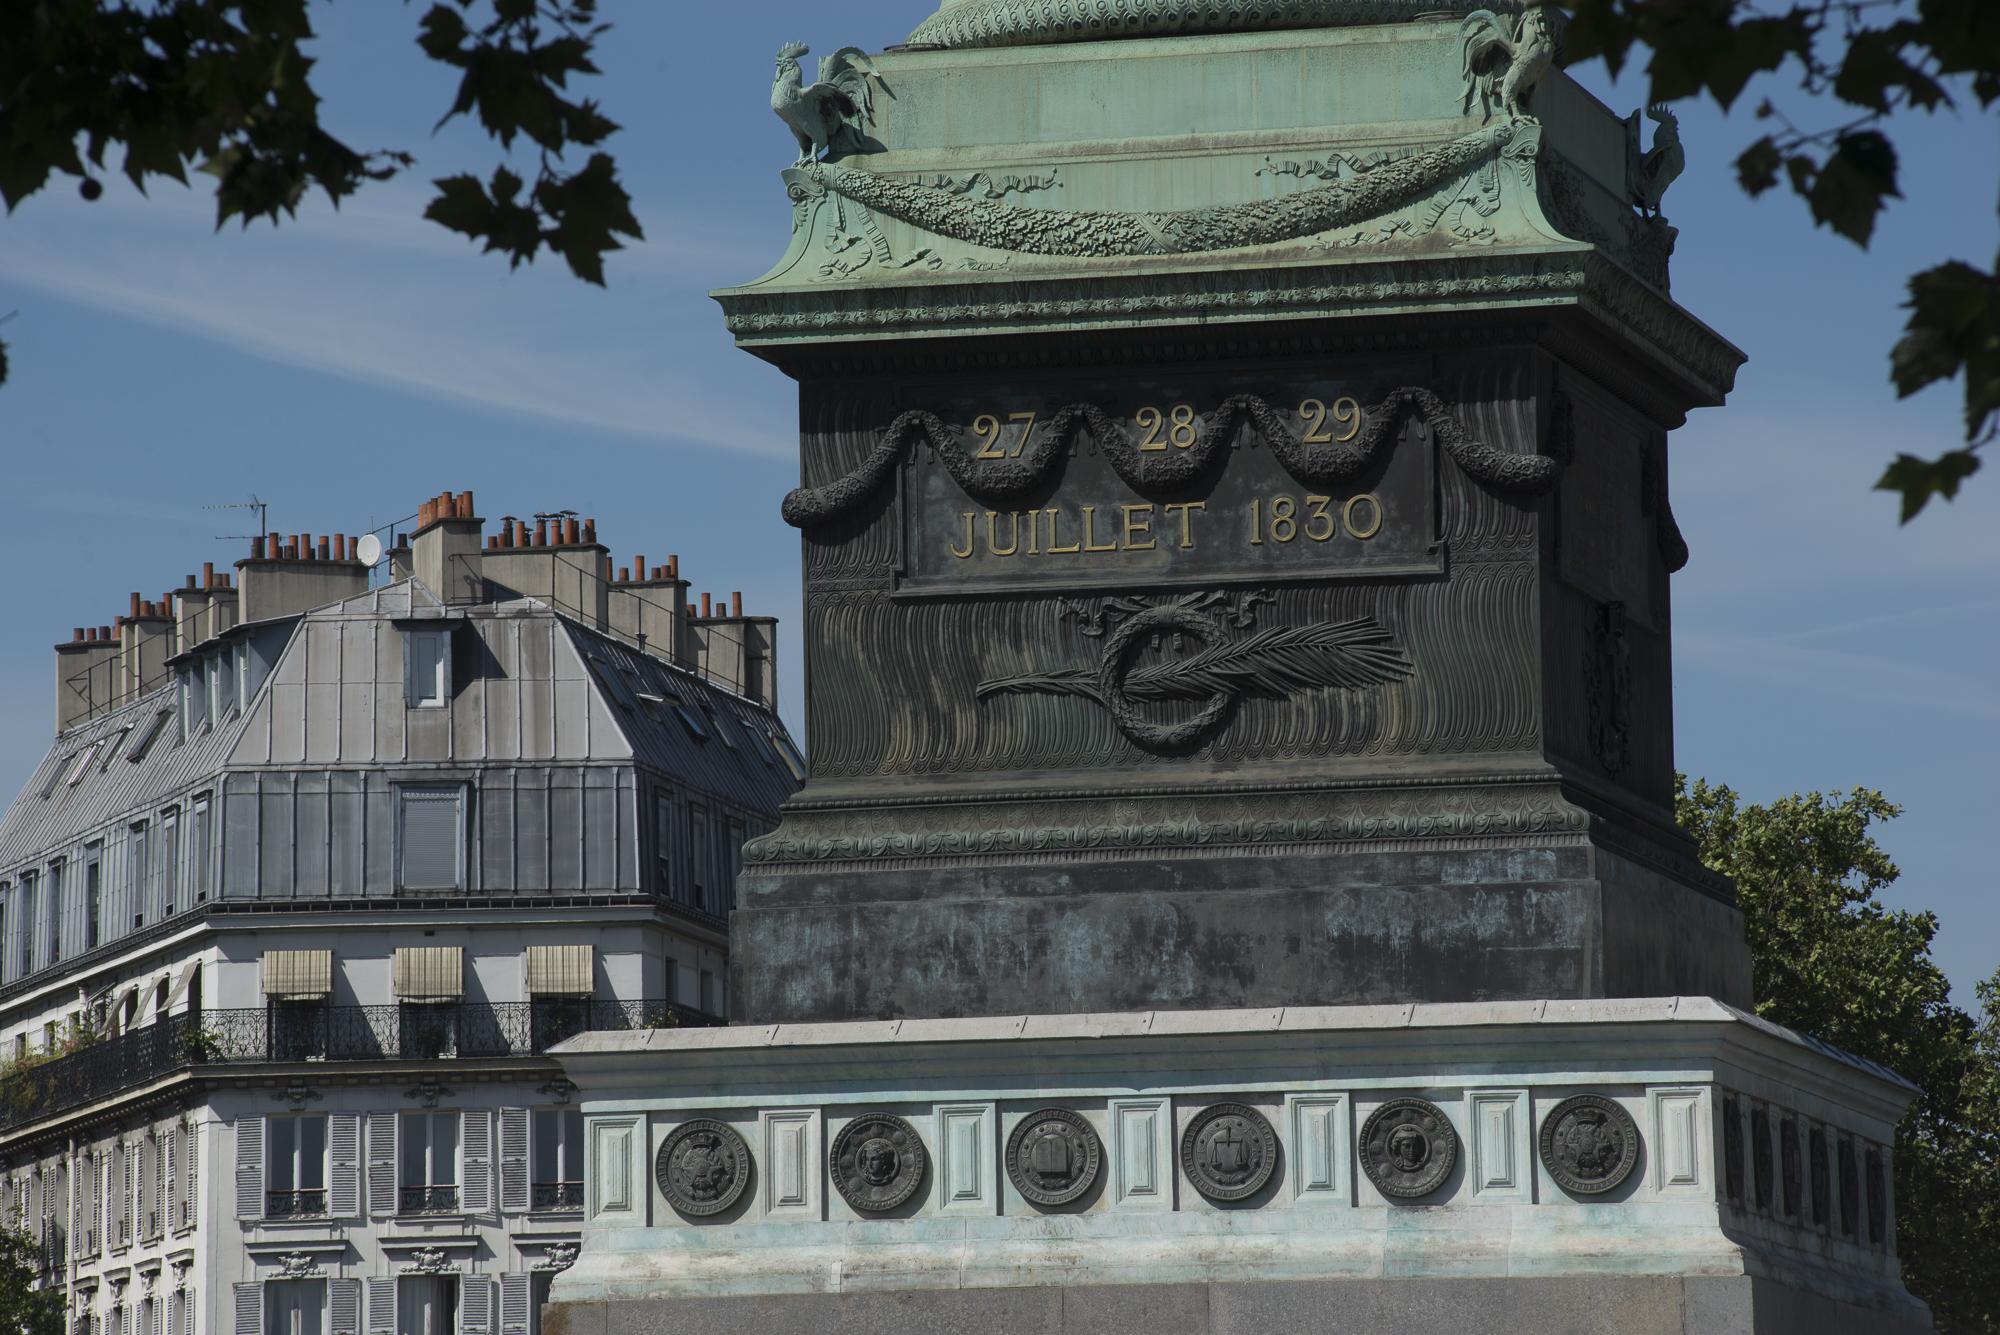 July Column - Place de la Bastille  PHOTOGRAPHY: ALEXANDER J.E. BRADLEY • NIKON D500 • AF NIKKOR 80-200mm f/2.8 D ED @ 200MM • F/16 • 1/250 • ISO 100